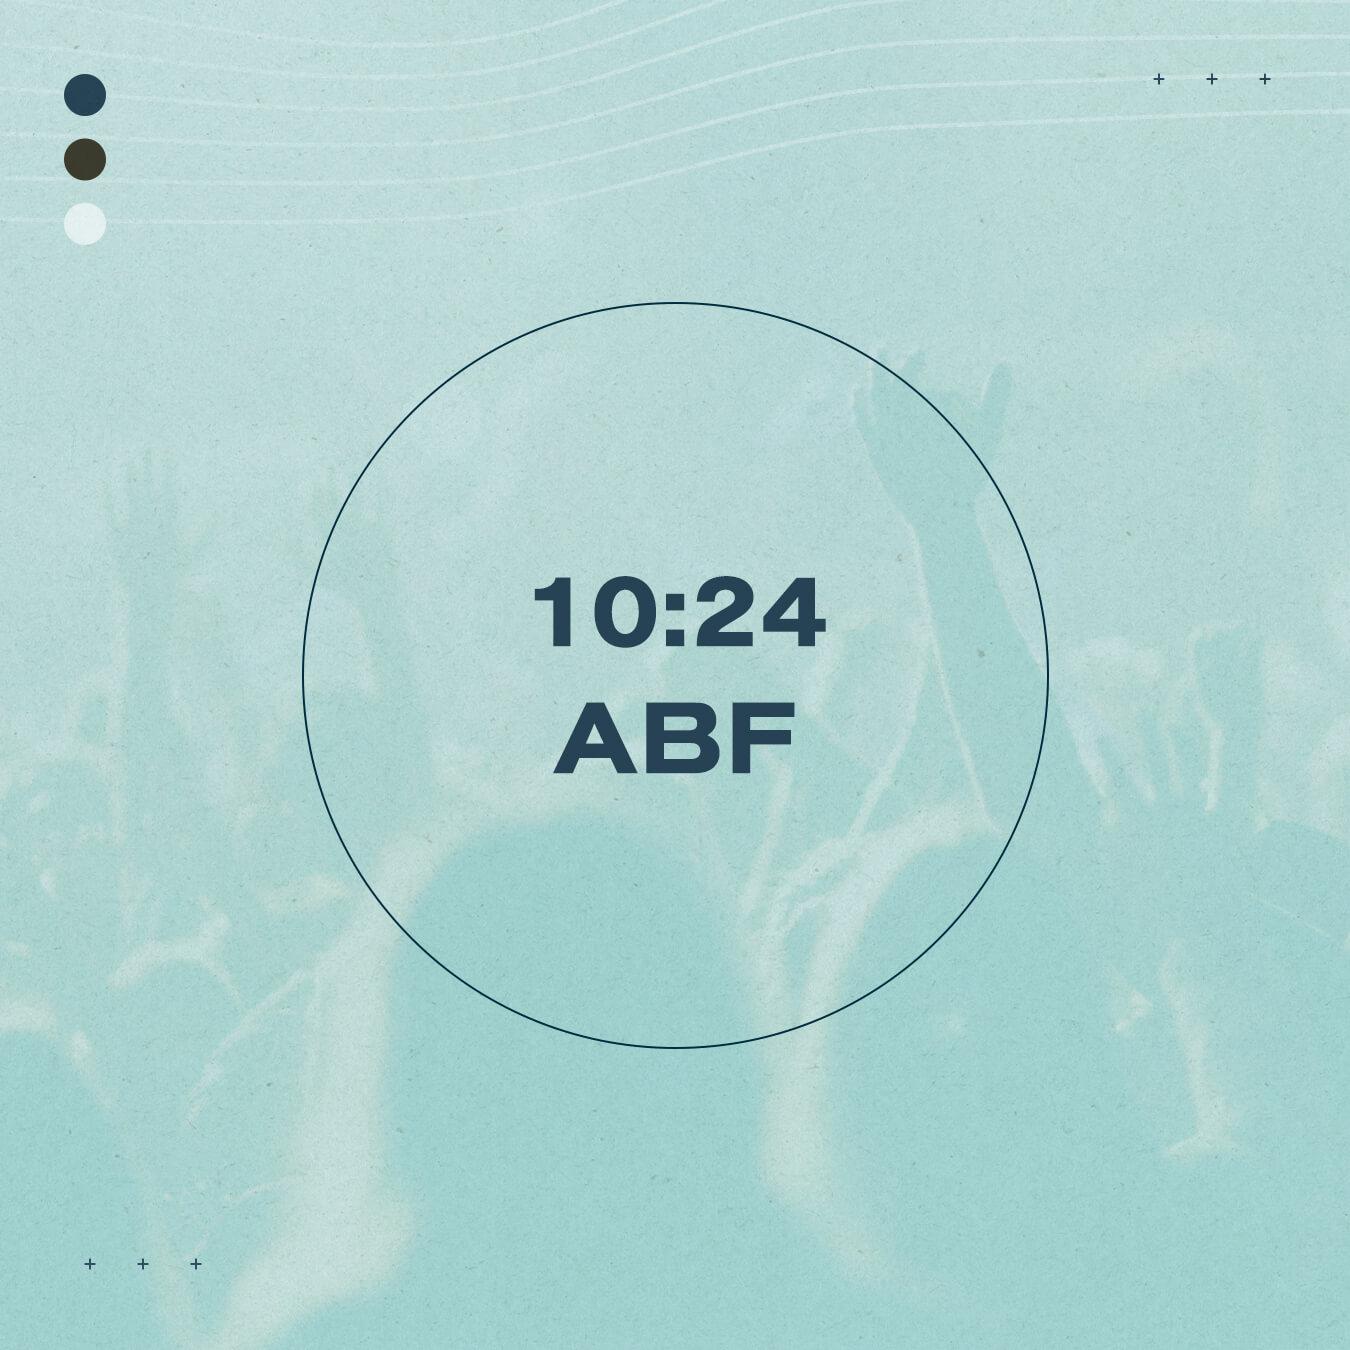 10:24 abf